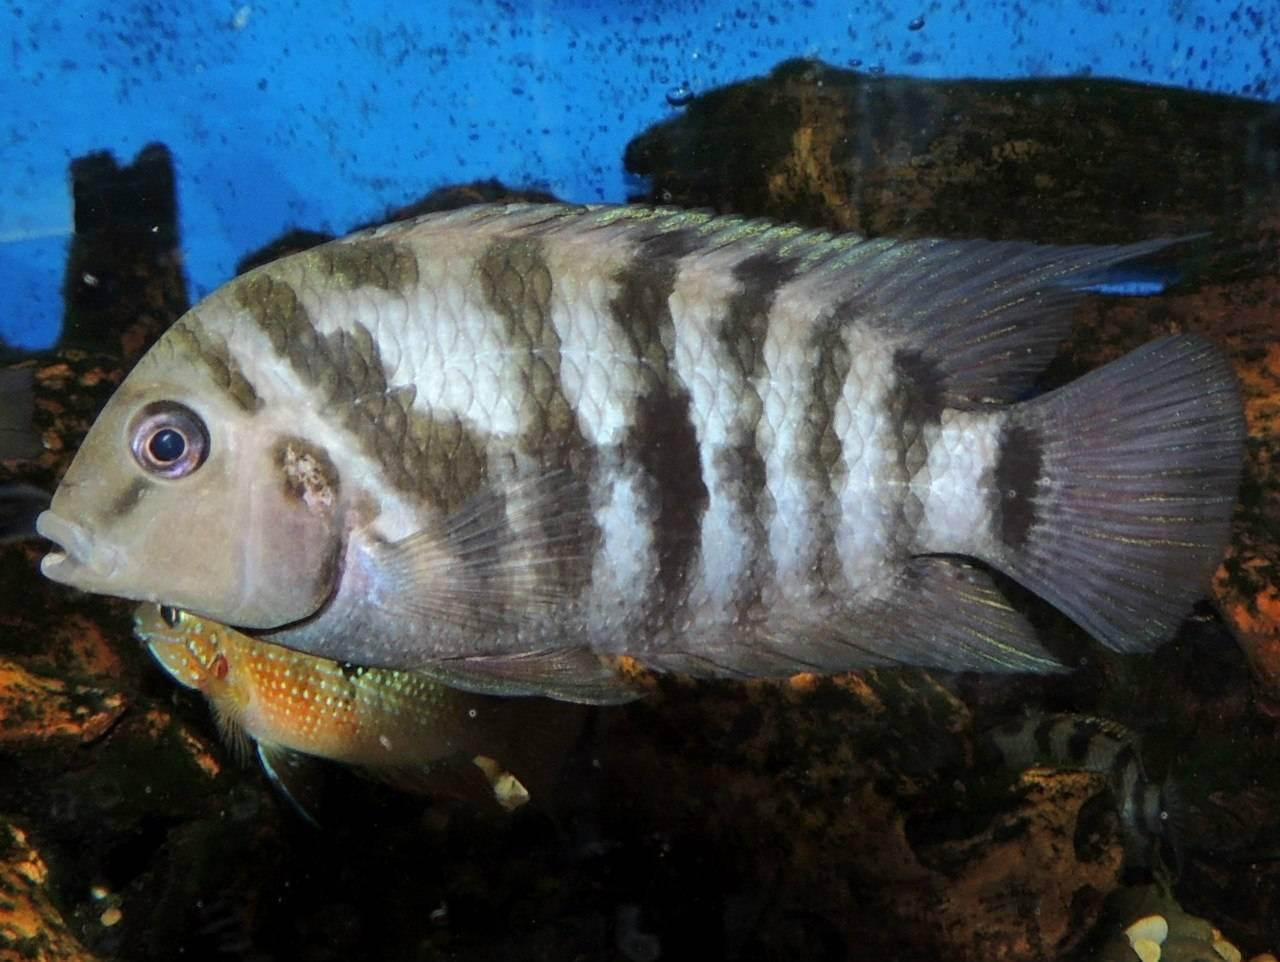 Цихлазома чернополосая (полосатая цихлида, зебра): совместимость с другими рыбкам, содержание, размножение (разведение), мальки, фото